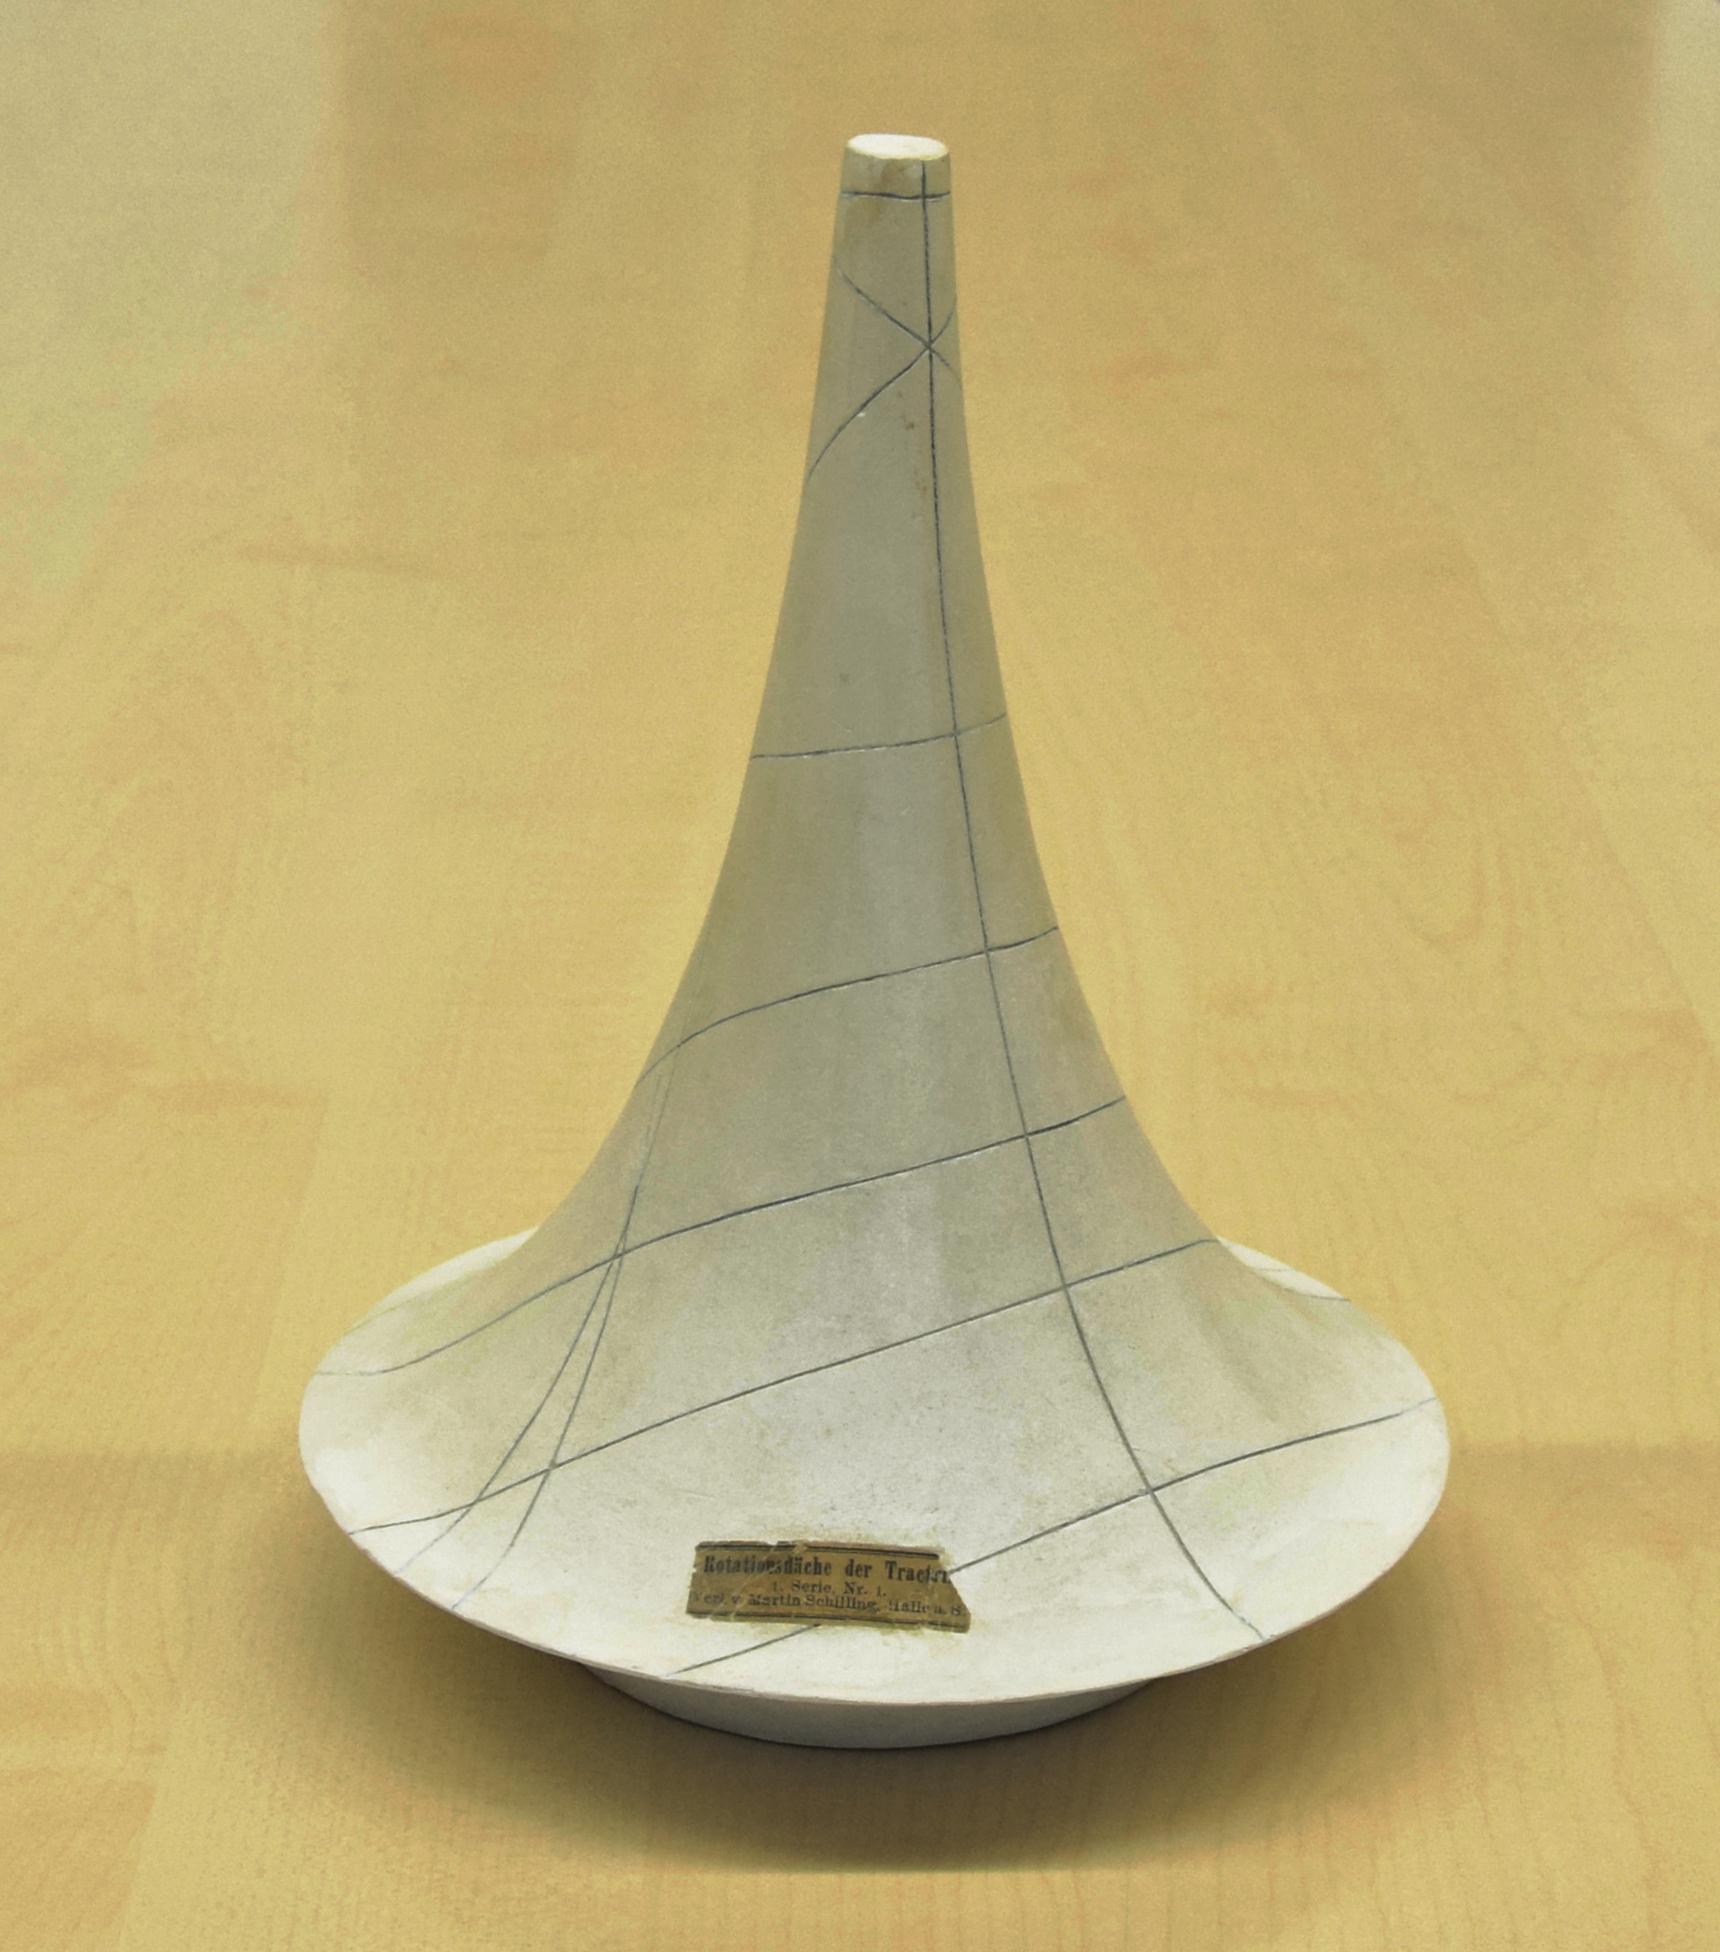 Pseudosfera di tipo parabolico